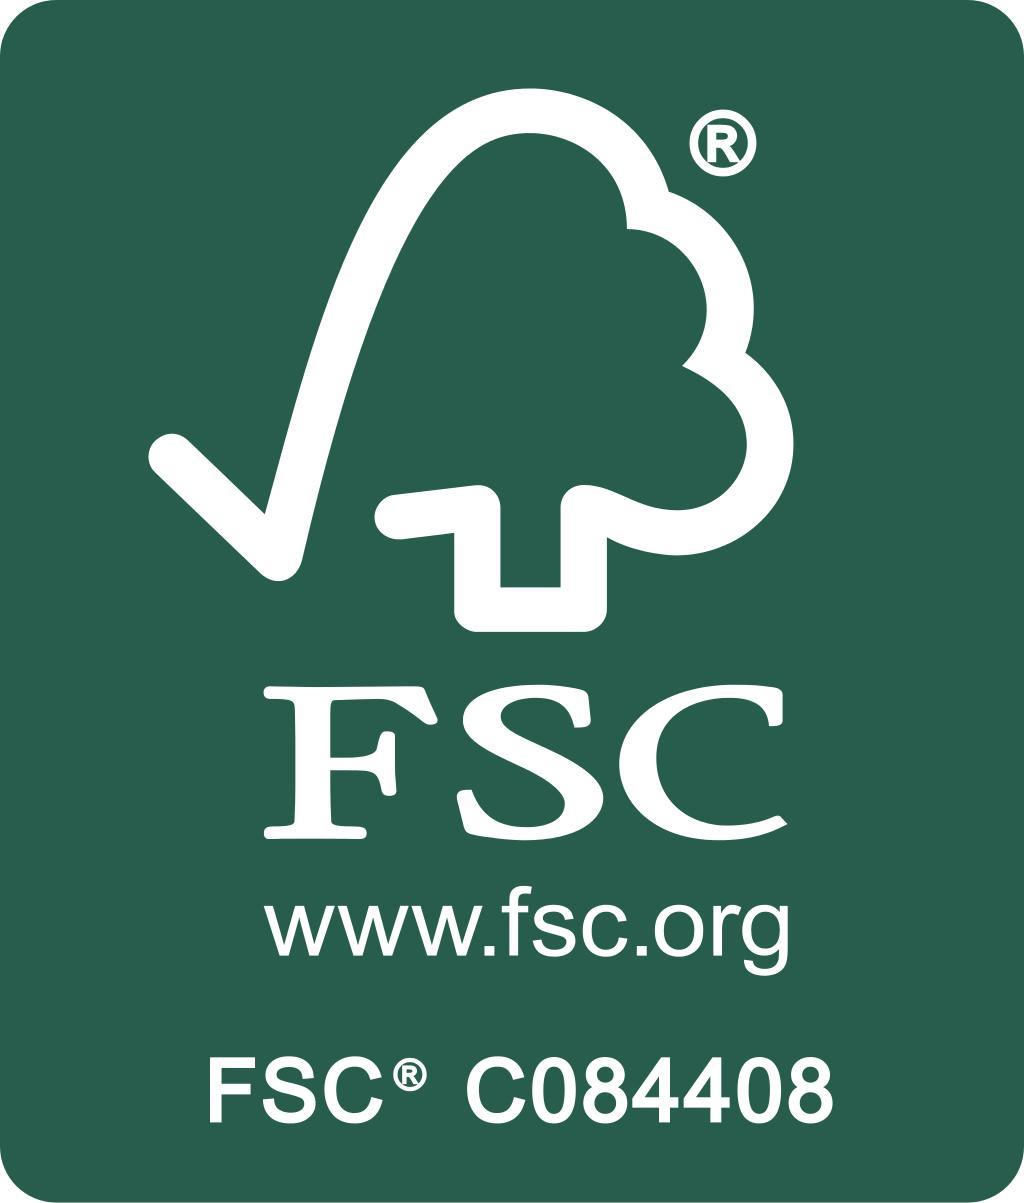 FSC_C084408_Promotie